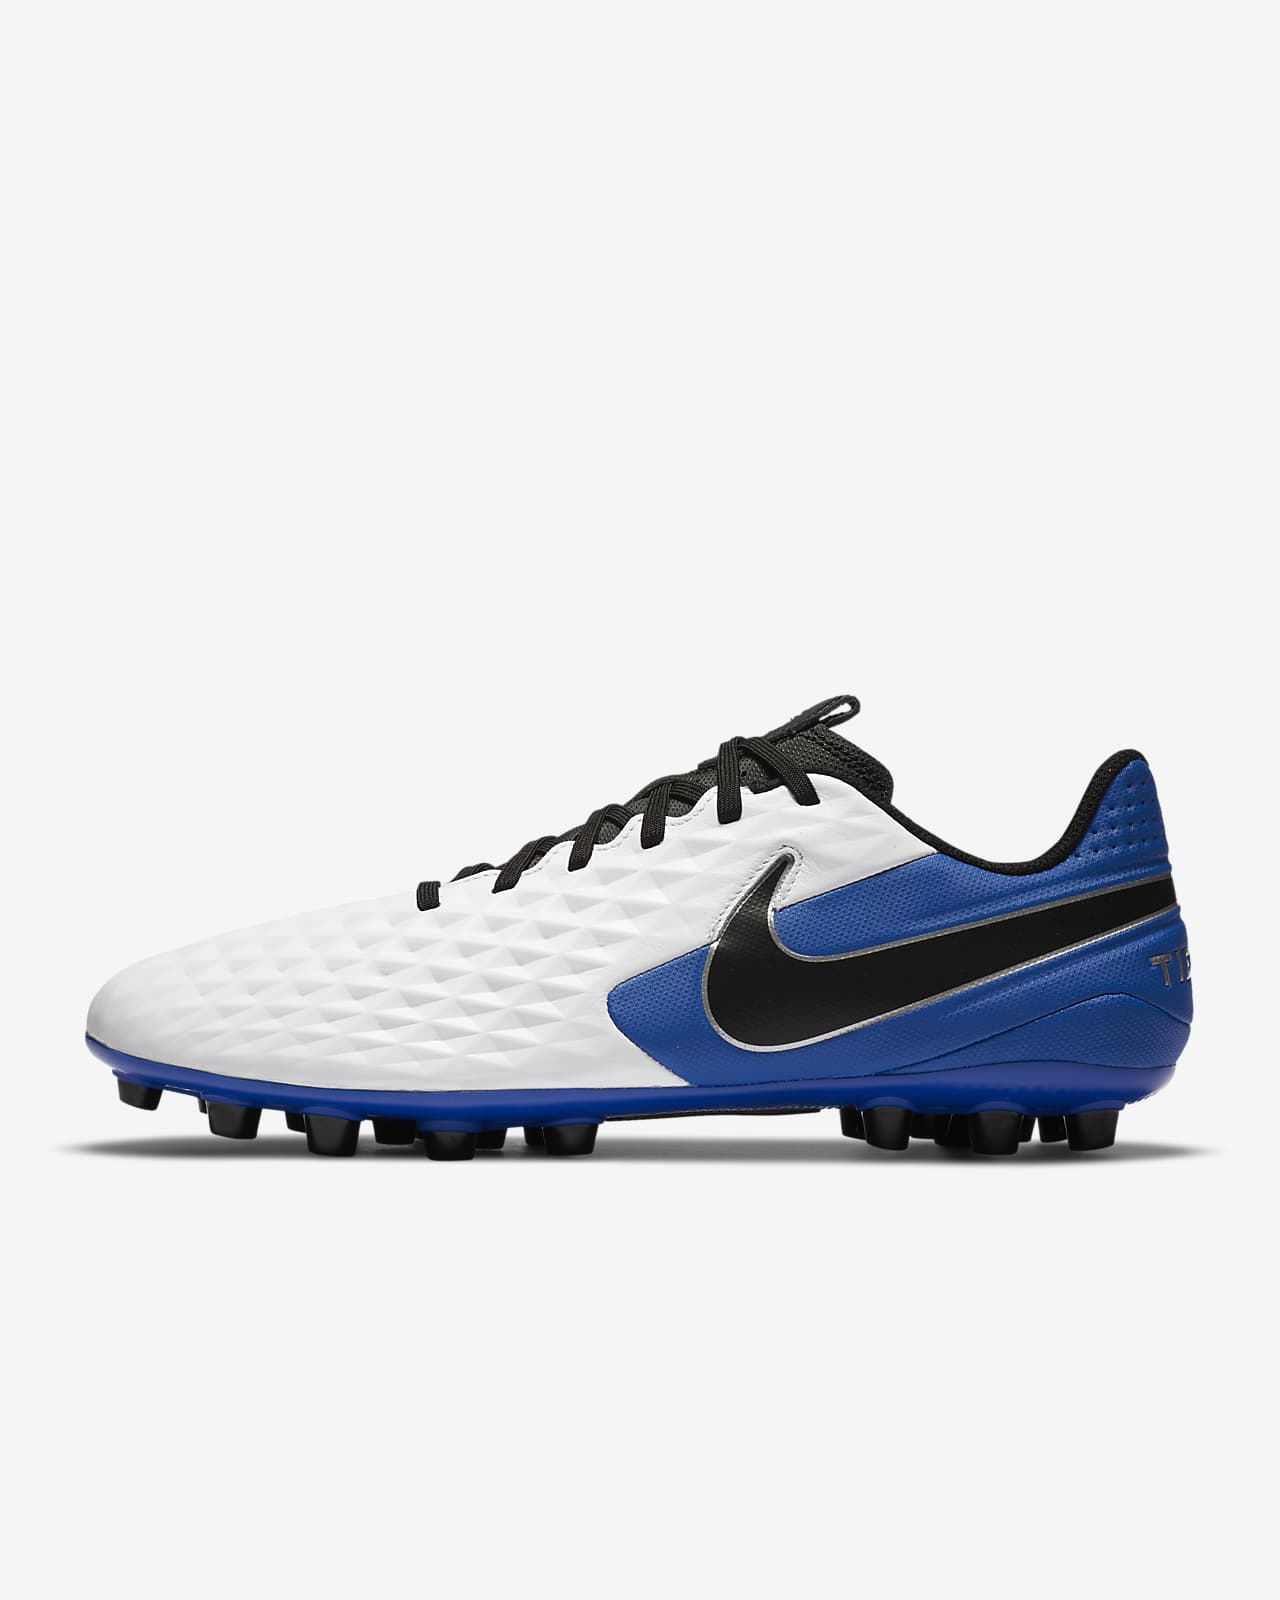 Nike Tiempo Legend 8 Academy AG műgyepre készült stoplis futballcipő